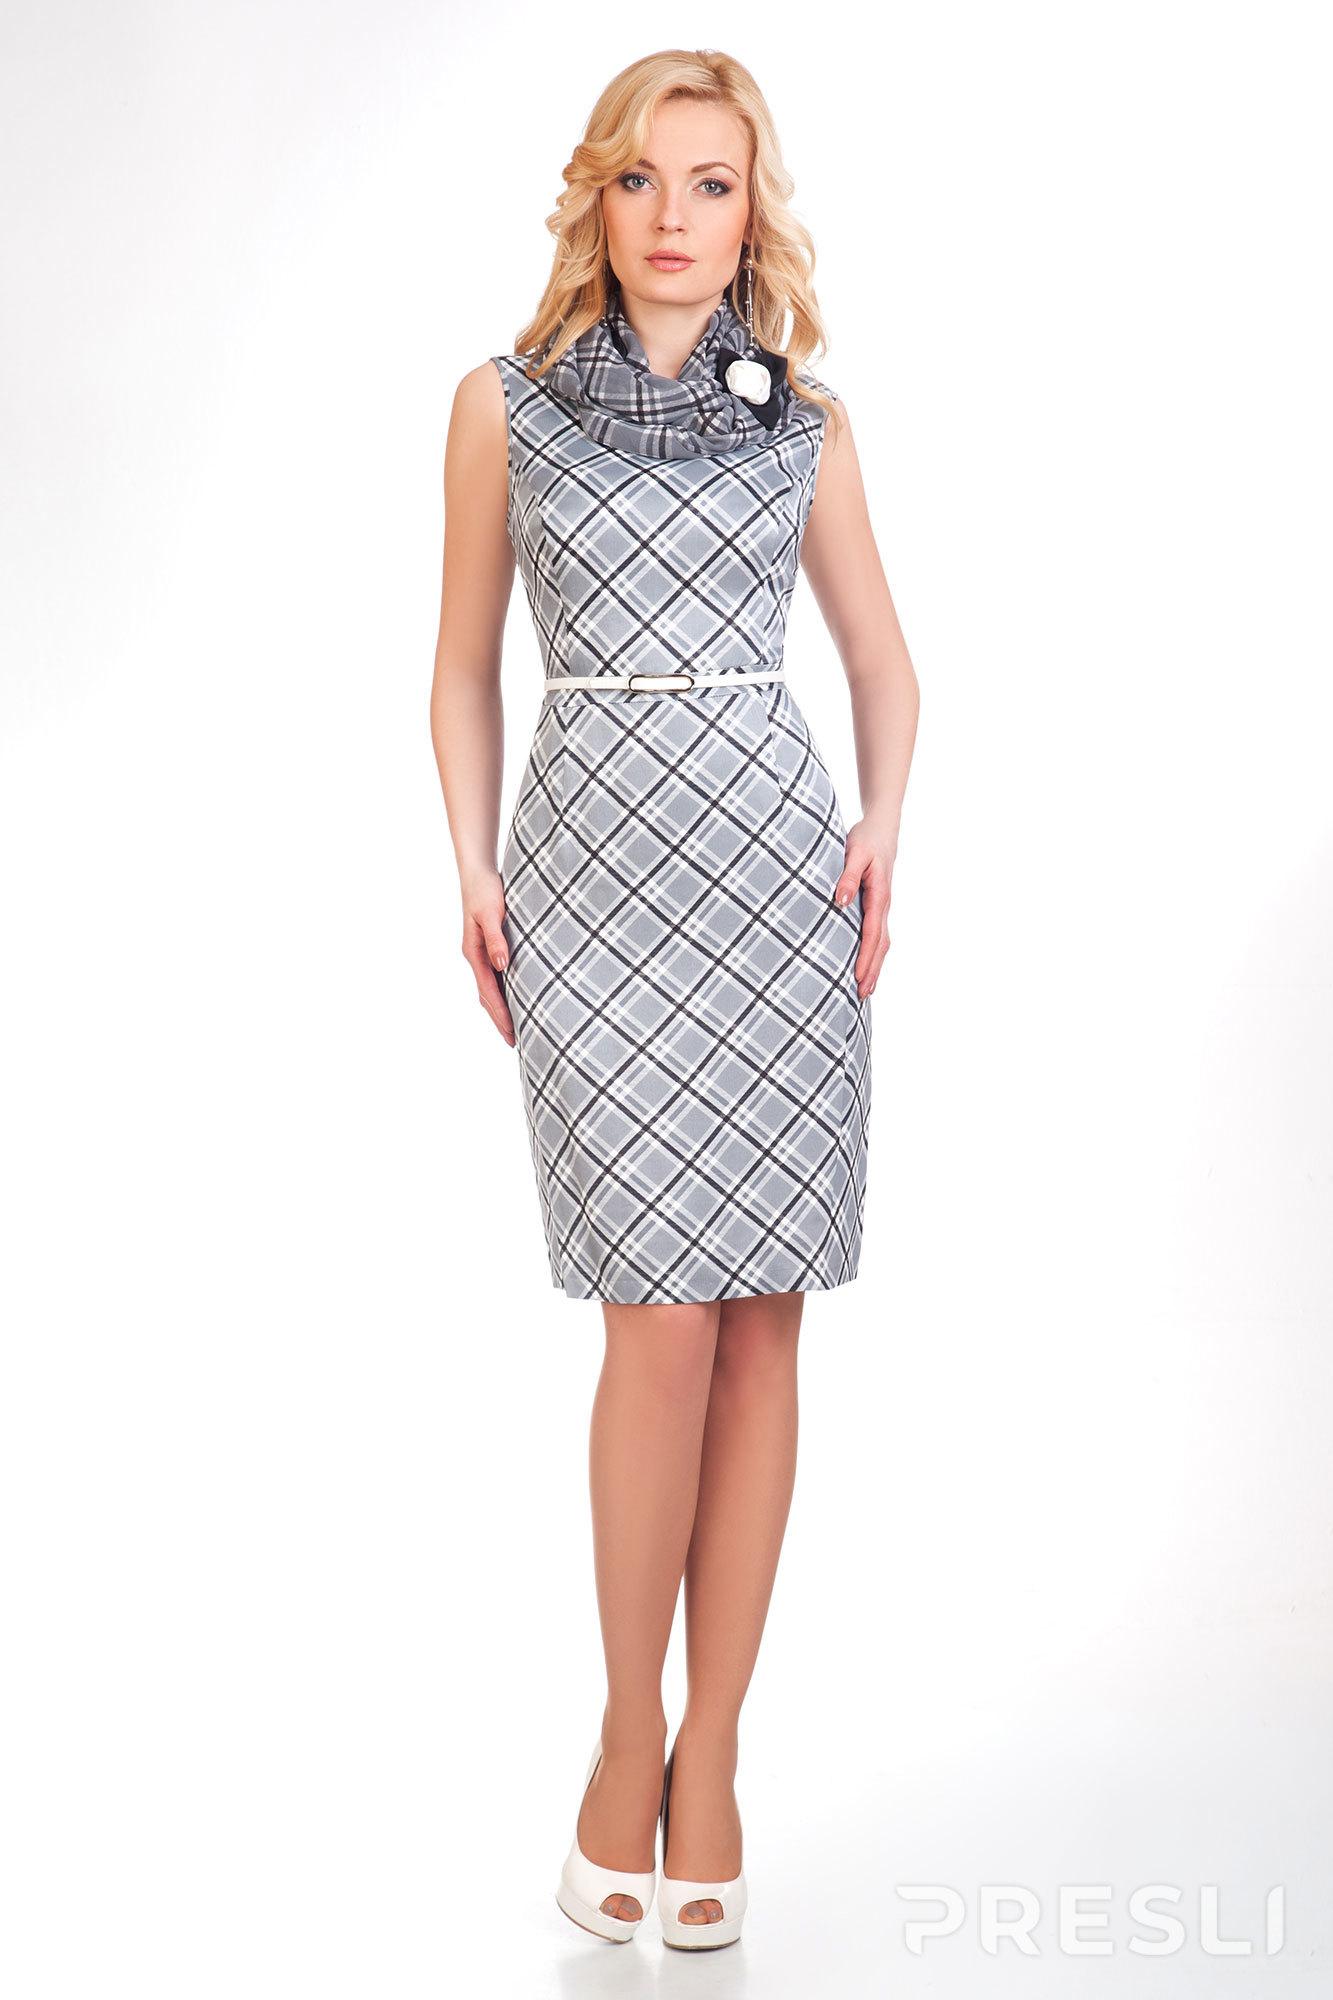 Платье Noche Mio 1.223 серебро с черным